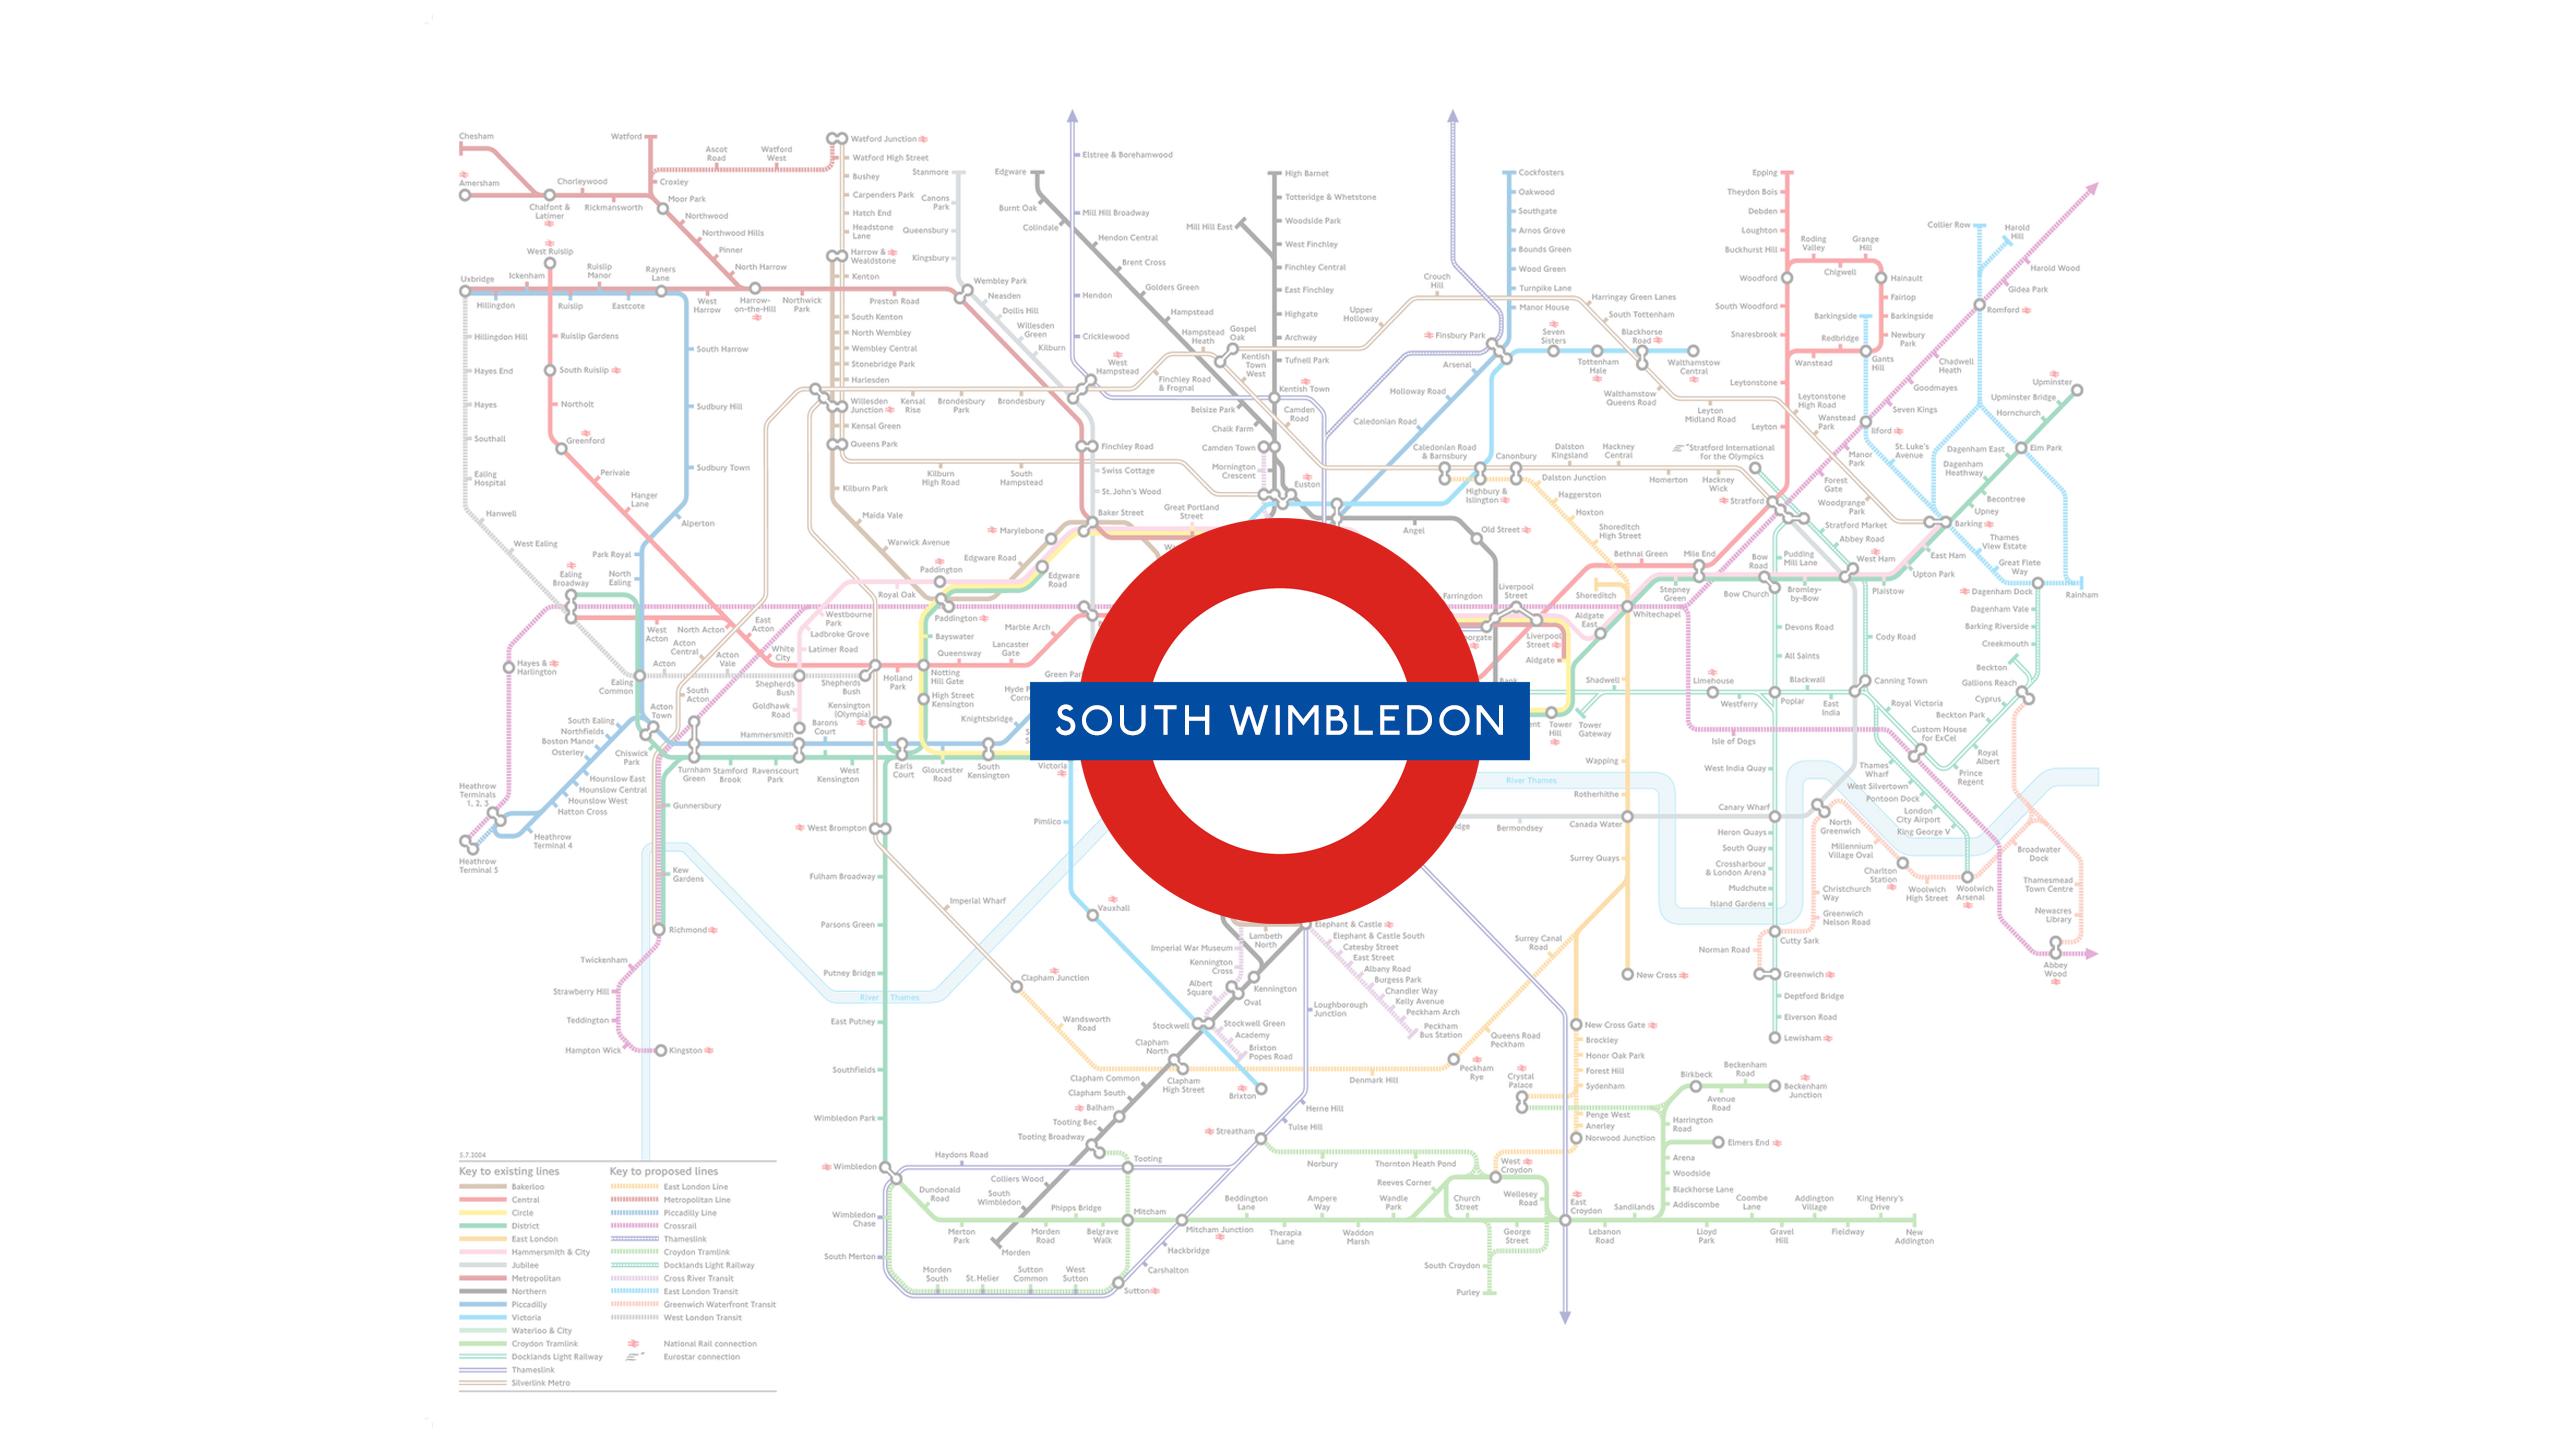 South Wimbledon (Map)